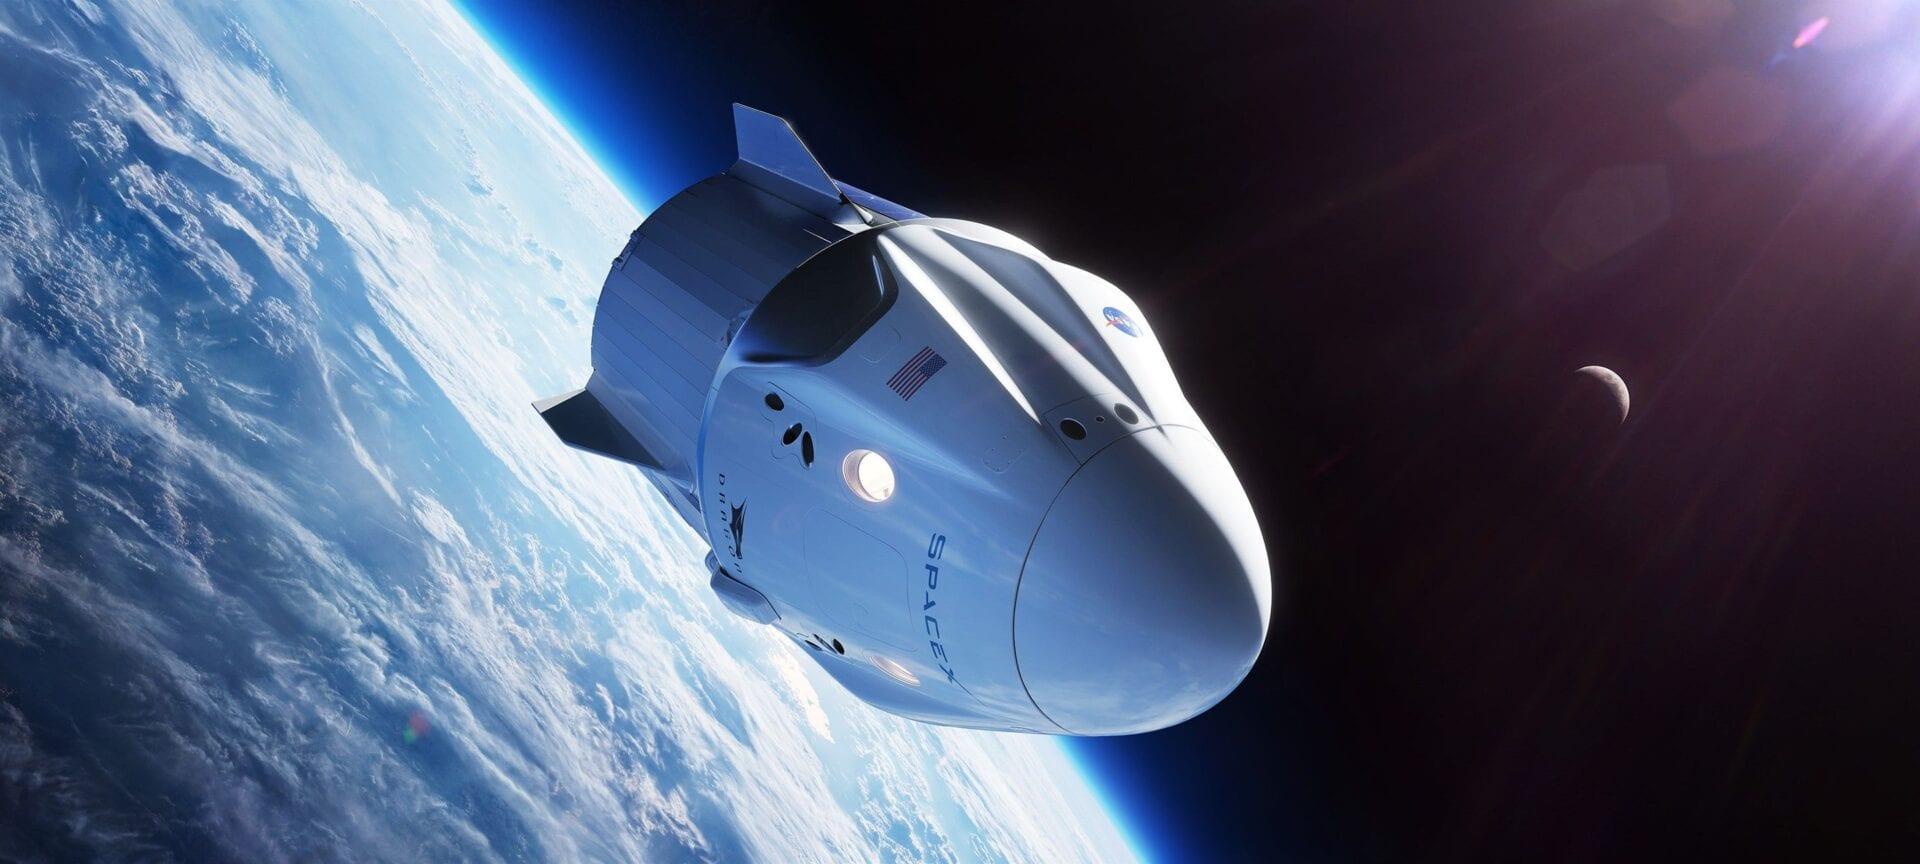 Ζωντανά η εκτόξευση Αμερικανών αστροναυτών μετά από 9 χρόνια